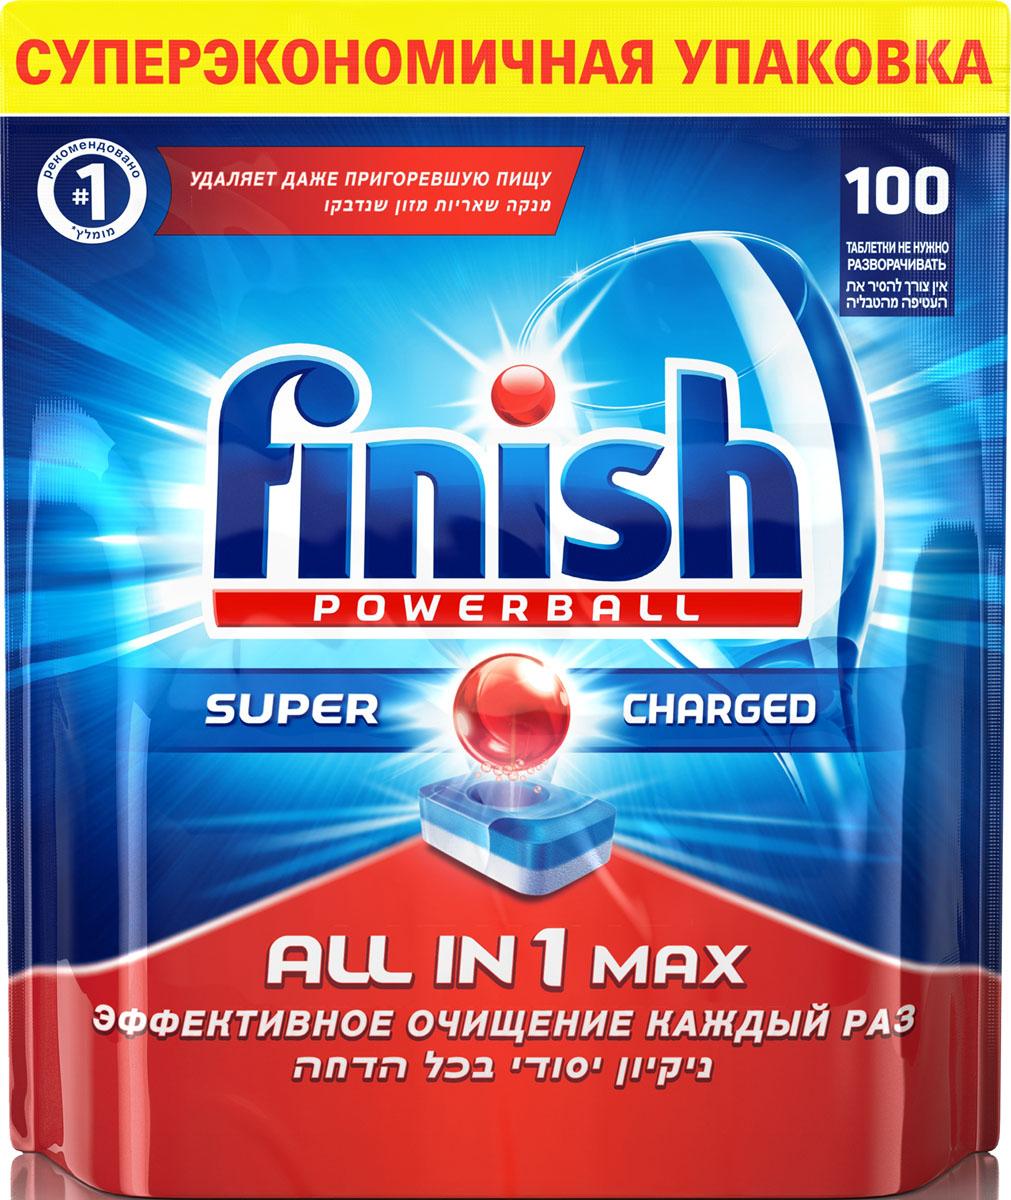 Таблетки для посудомоечной машины Finish Powerball All in 1 Max, 100 шт6.295-875.0Таблетки для посудомоечных машин Finish Powerball All in 1 Max обеспечивают сверкающую чистоту и блеск, а также защищают стеклянную посуду от налета. Они идеальны для использования на коротких циклах - таблетки быстро растворяются.Состав: 30% и более фосфаты, 5% или более, но менее 15%, кислородсодержащий отбеливатель, менее 5% поликарбоксилаты, менее 5% неионогенные ПАВ, менее 5% фосфонаты, энзимы, ароматизаторы, гексилциннамаль, линалоол.Товар сертифицирован.